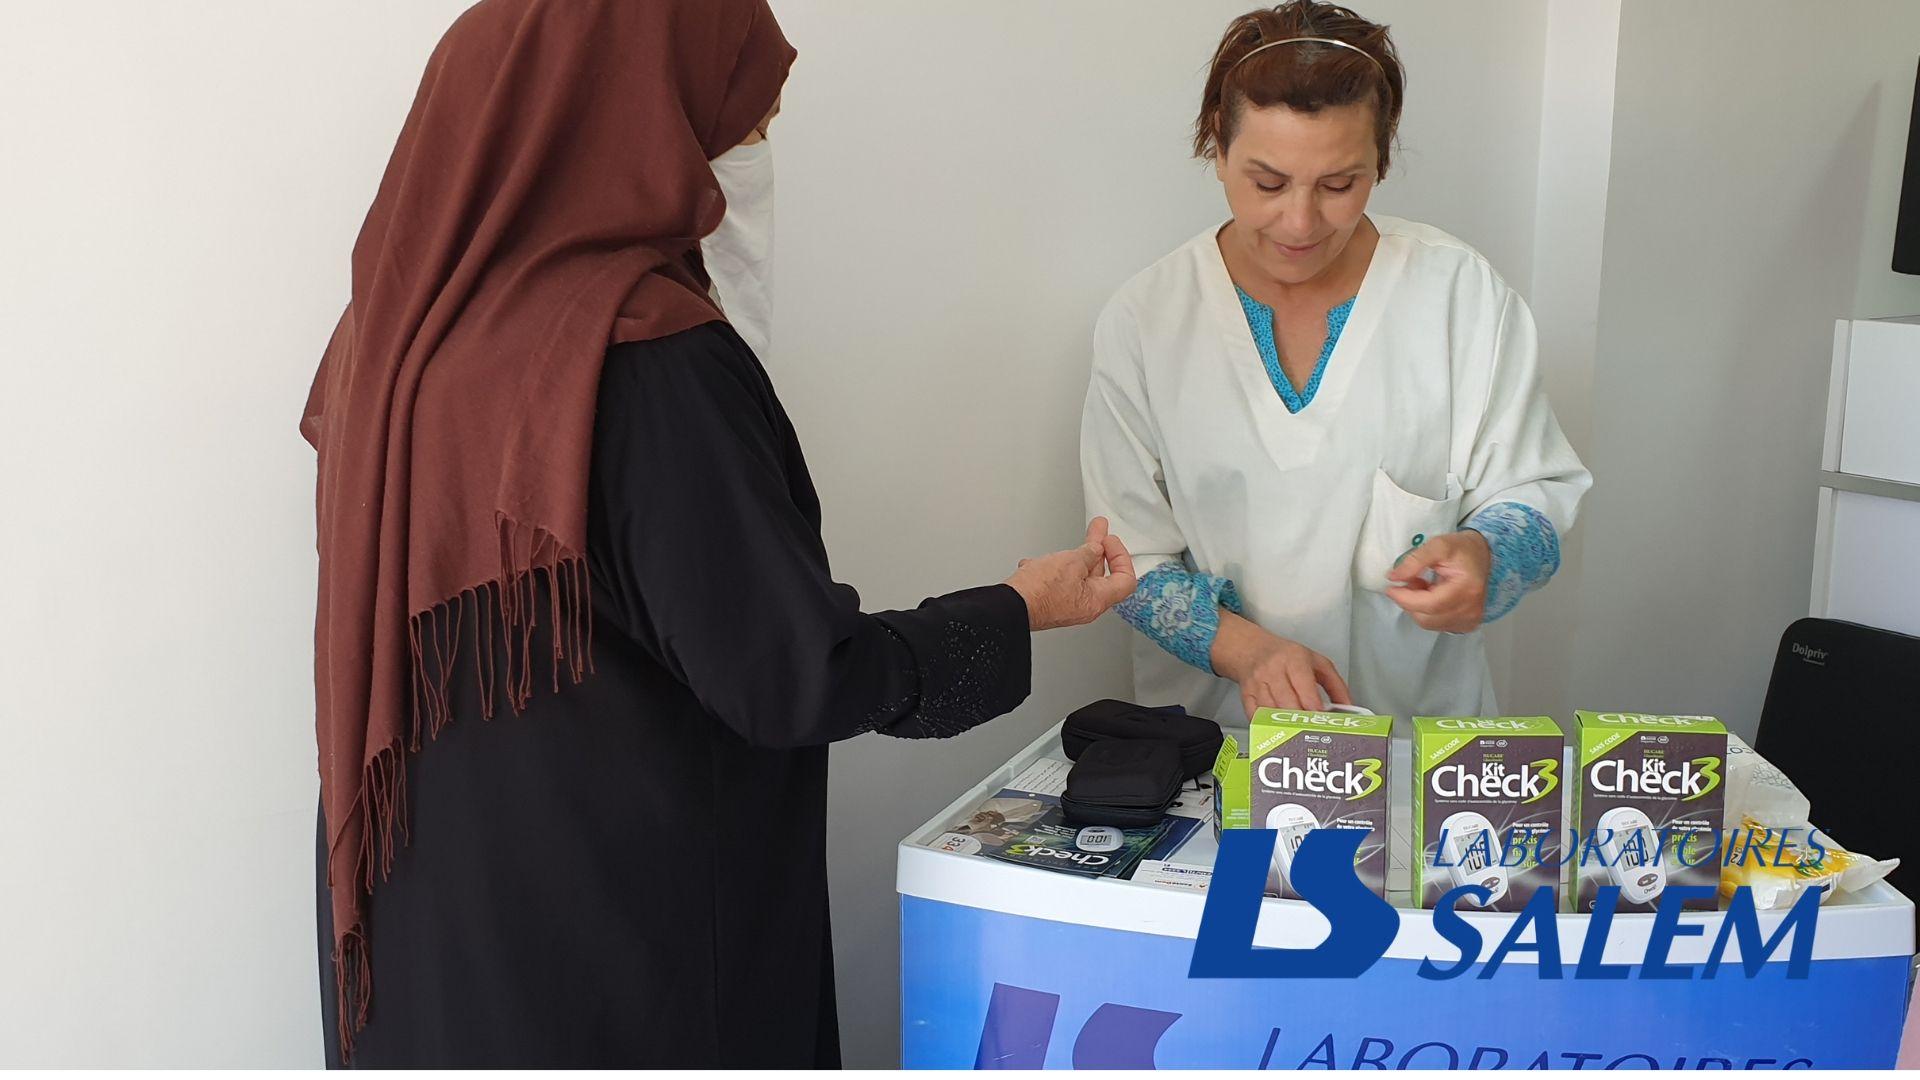 labnosalem, laboratories salem, pharmacie, pharma, industrie pharma,check3